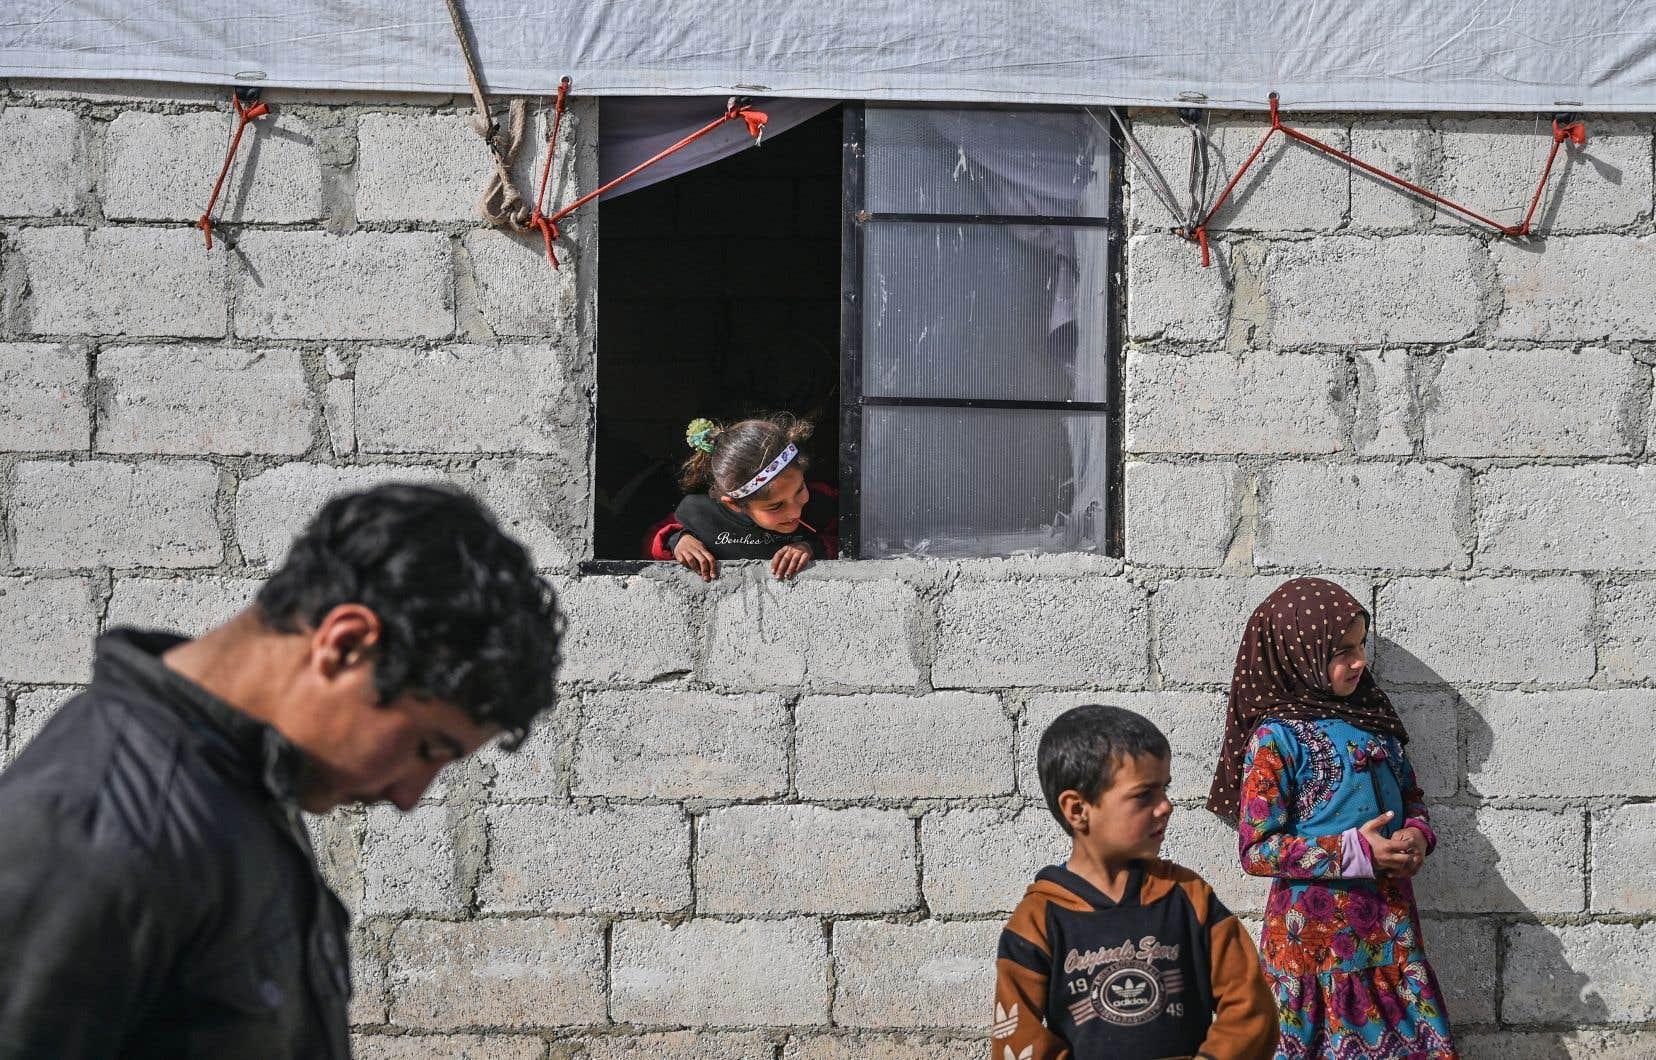 Des enfants syriens dans un camp humanitaire établi par les forces turques. <p>Les ONG dénoncent sans relâche les exactions et atteintes aux droits humains perpétrées par le régime syrien.</p>